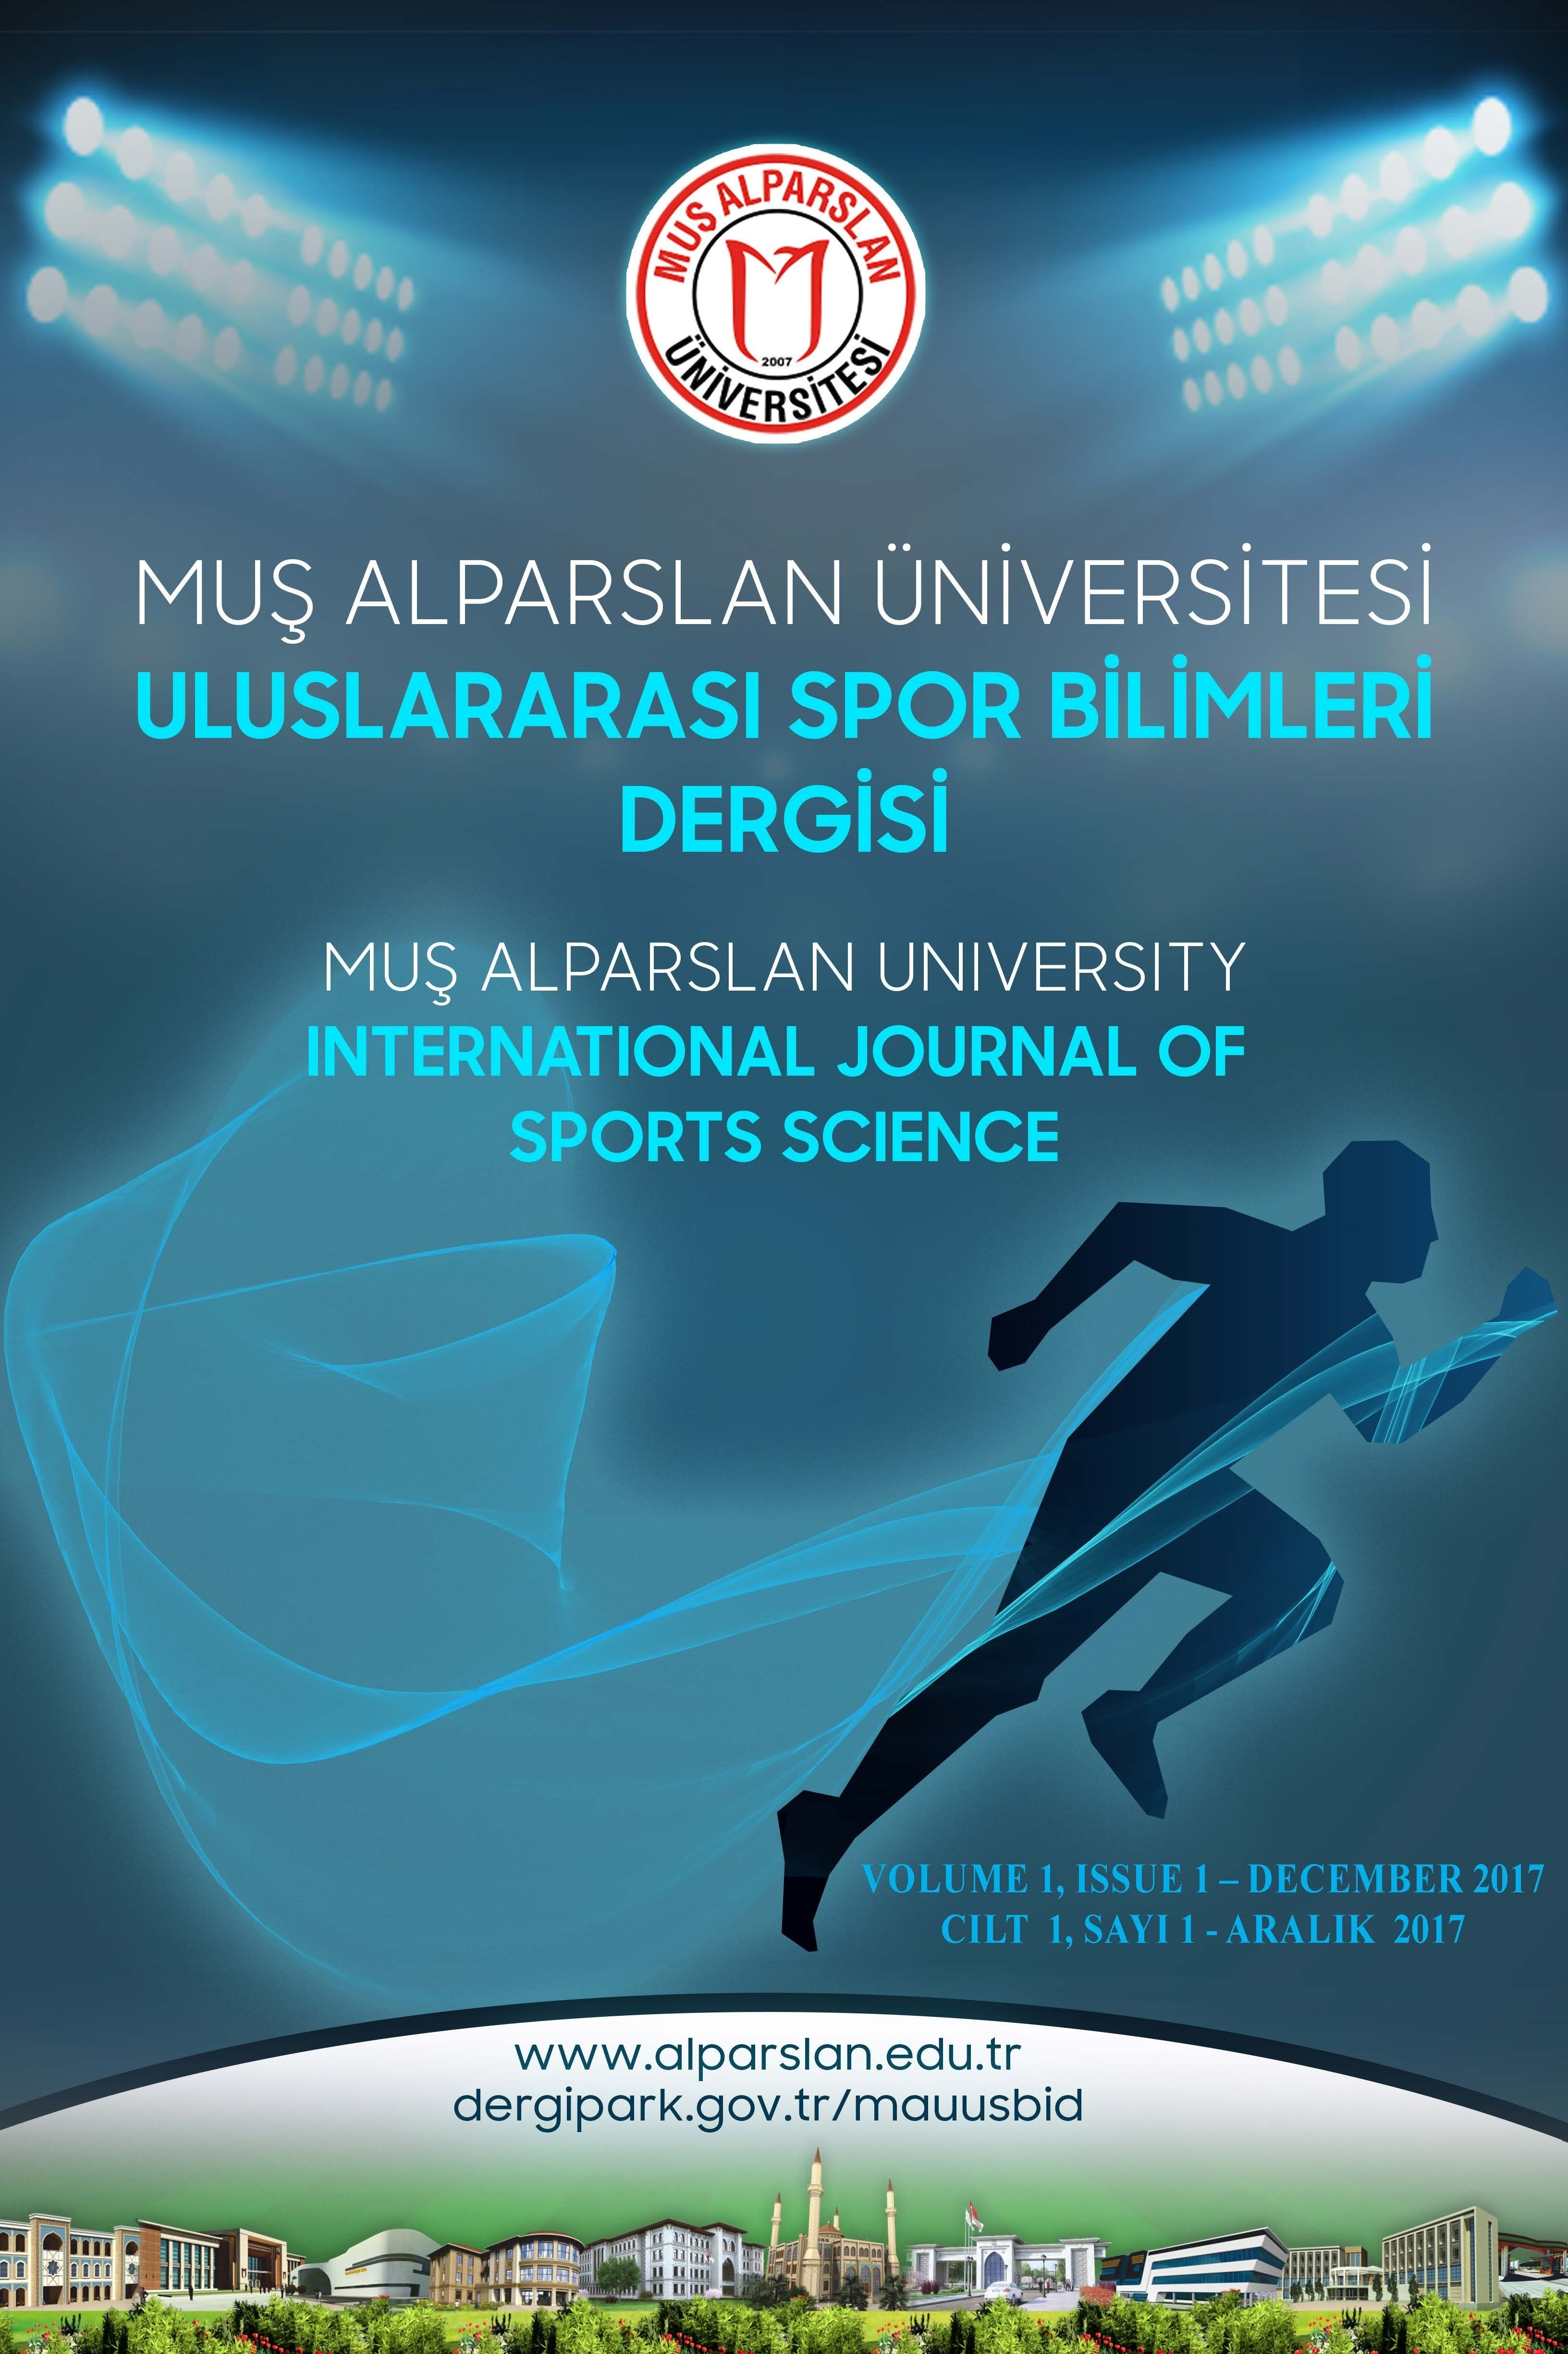 Muş Alparslan Üniversitesi Uluslararası Spor Bilimleri Dergisi